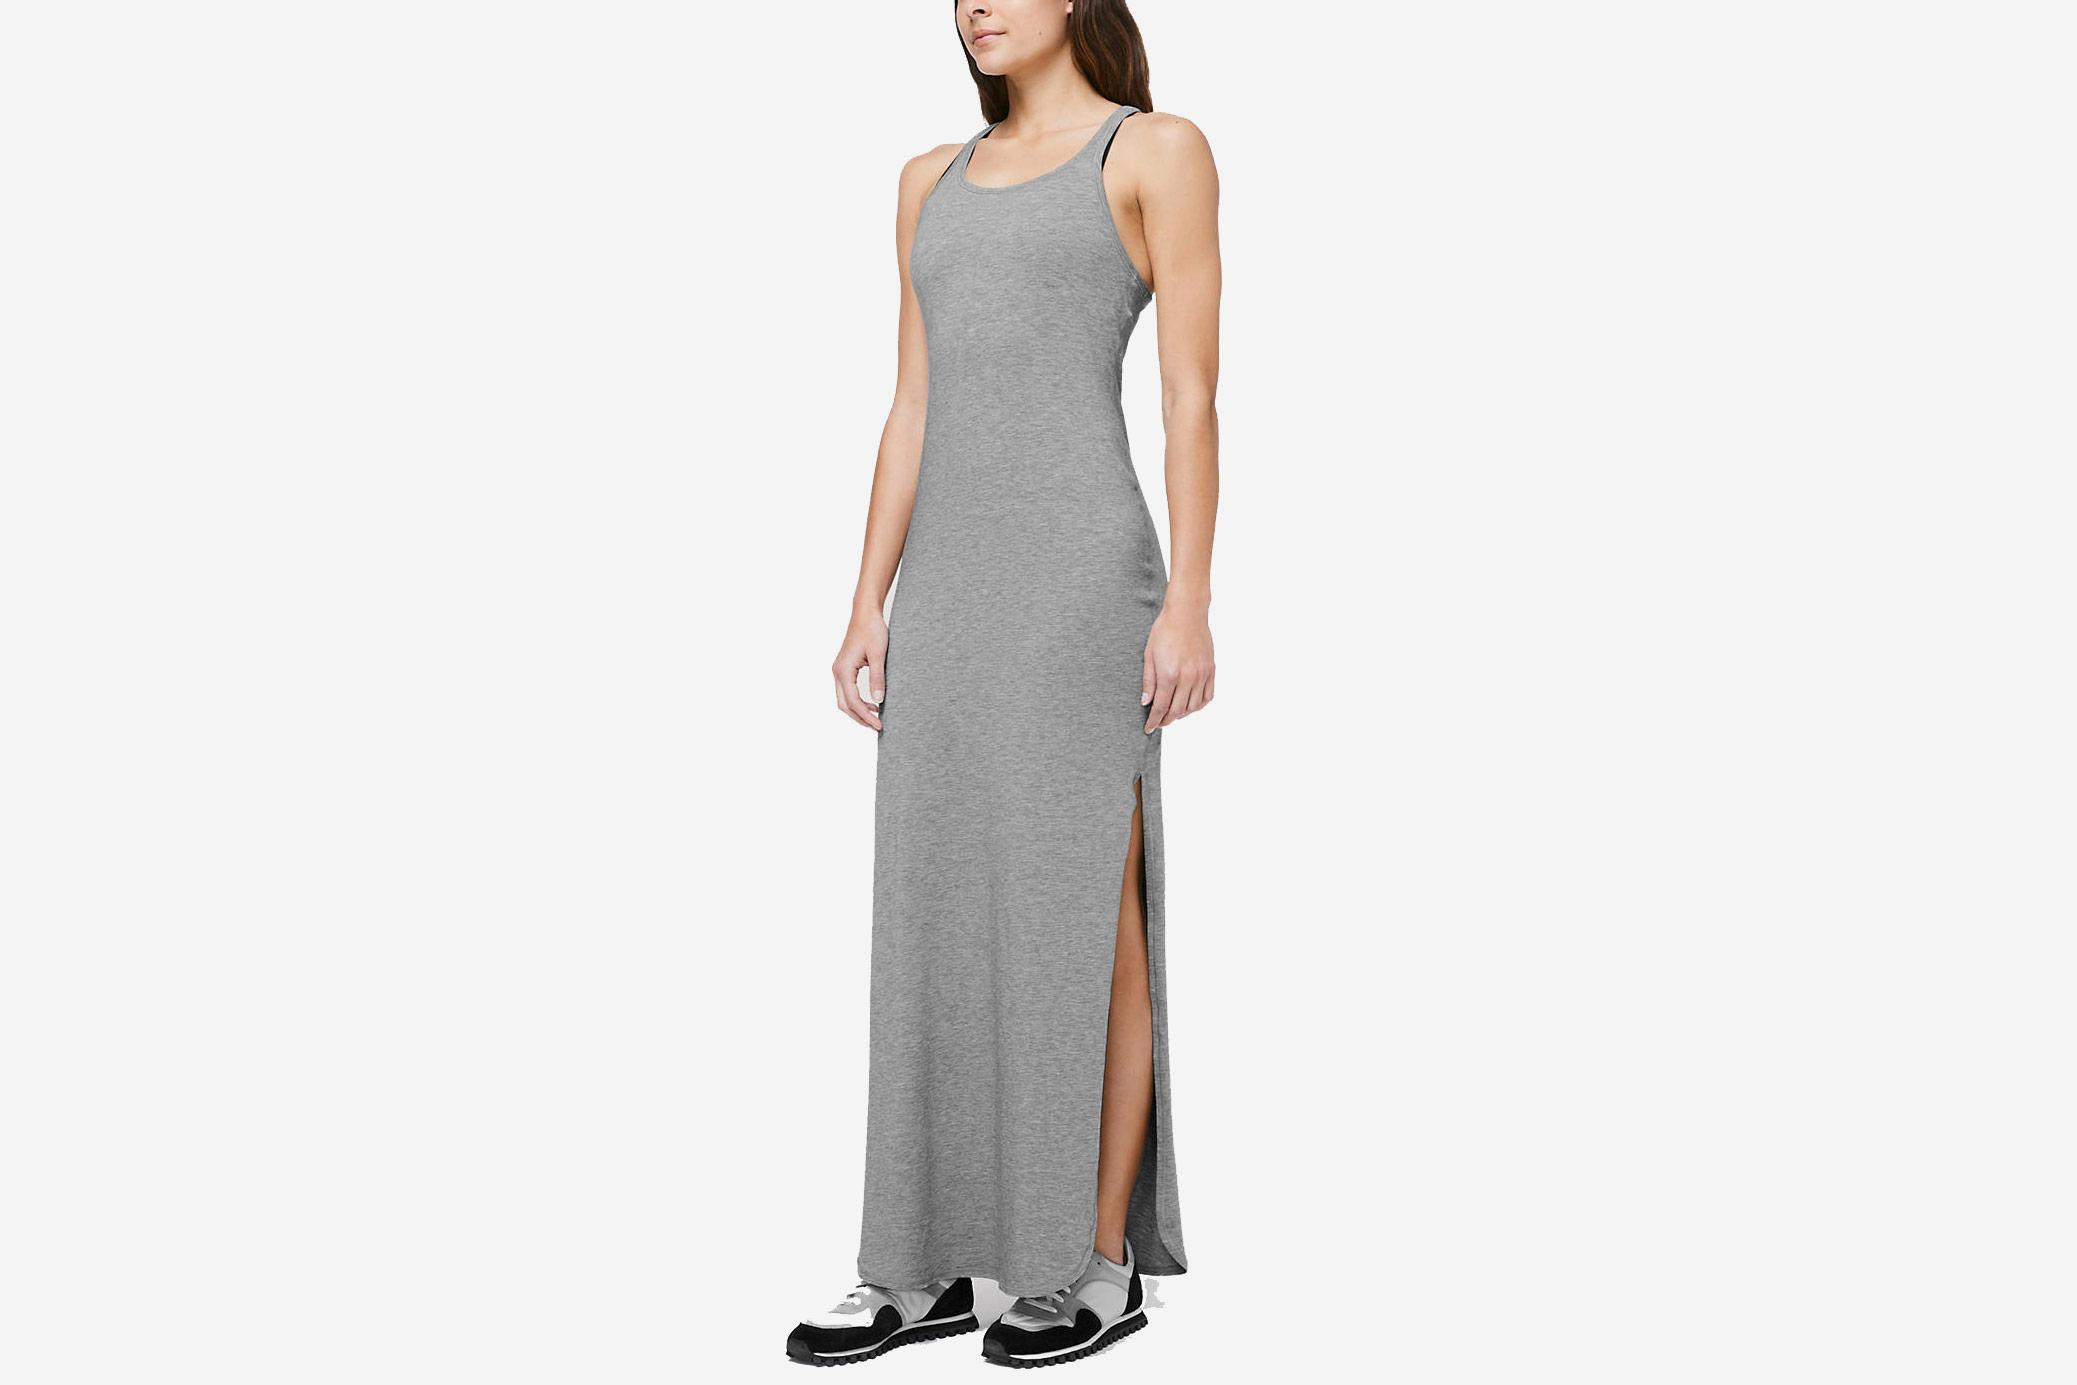 Lululemon Summer Dresses Sale 2019